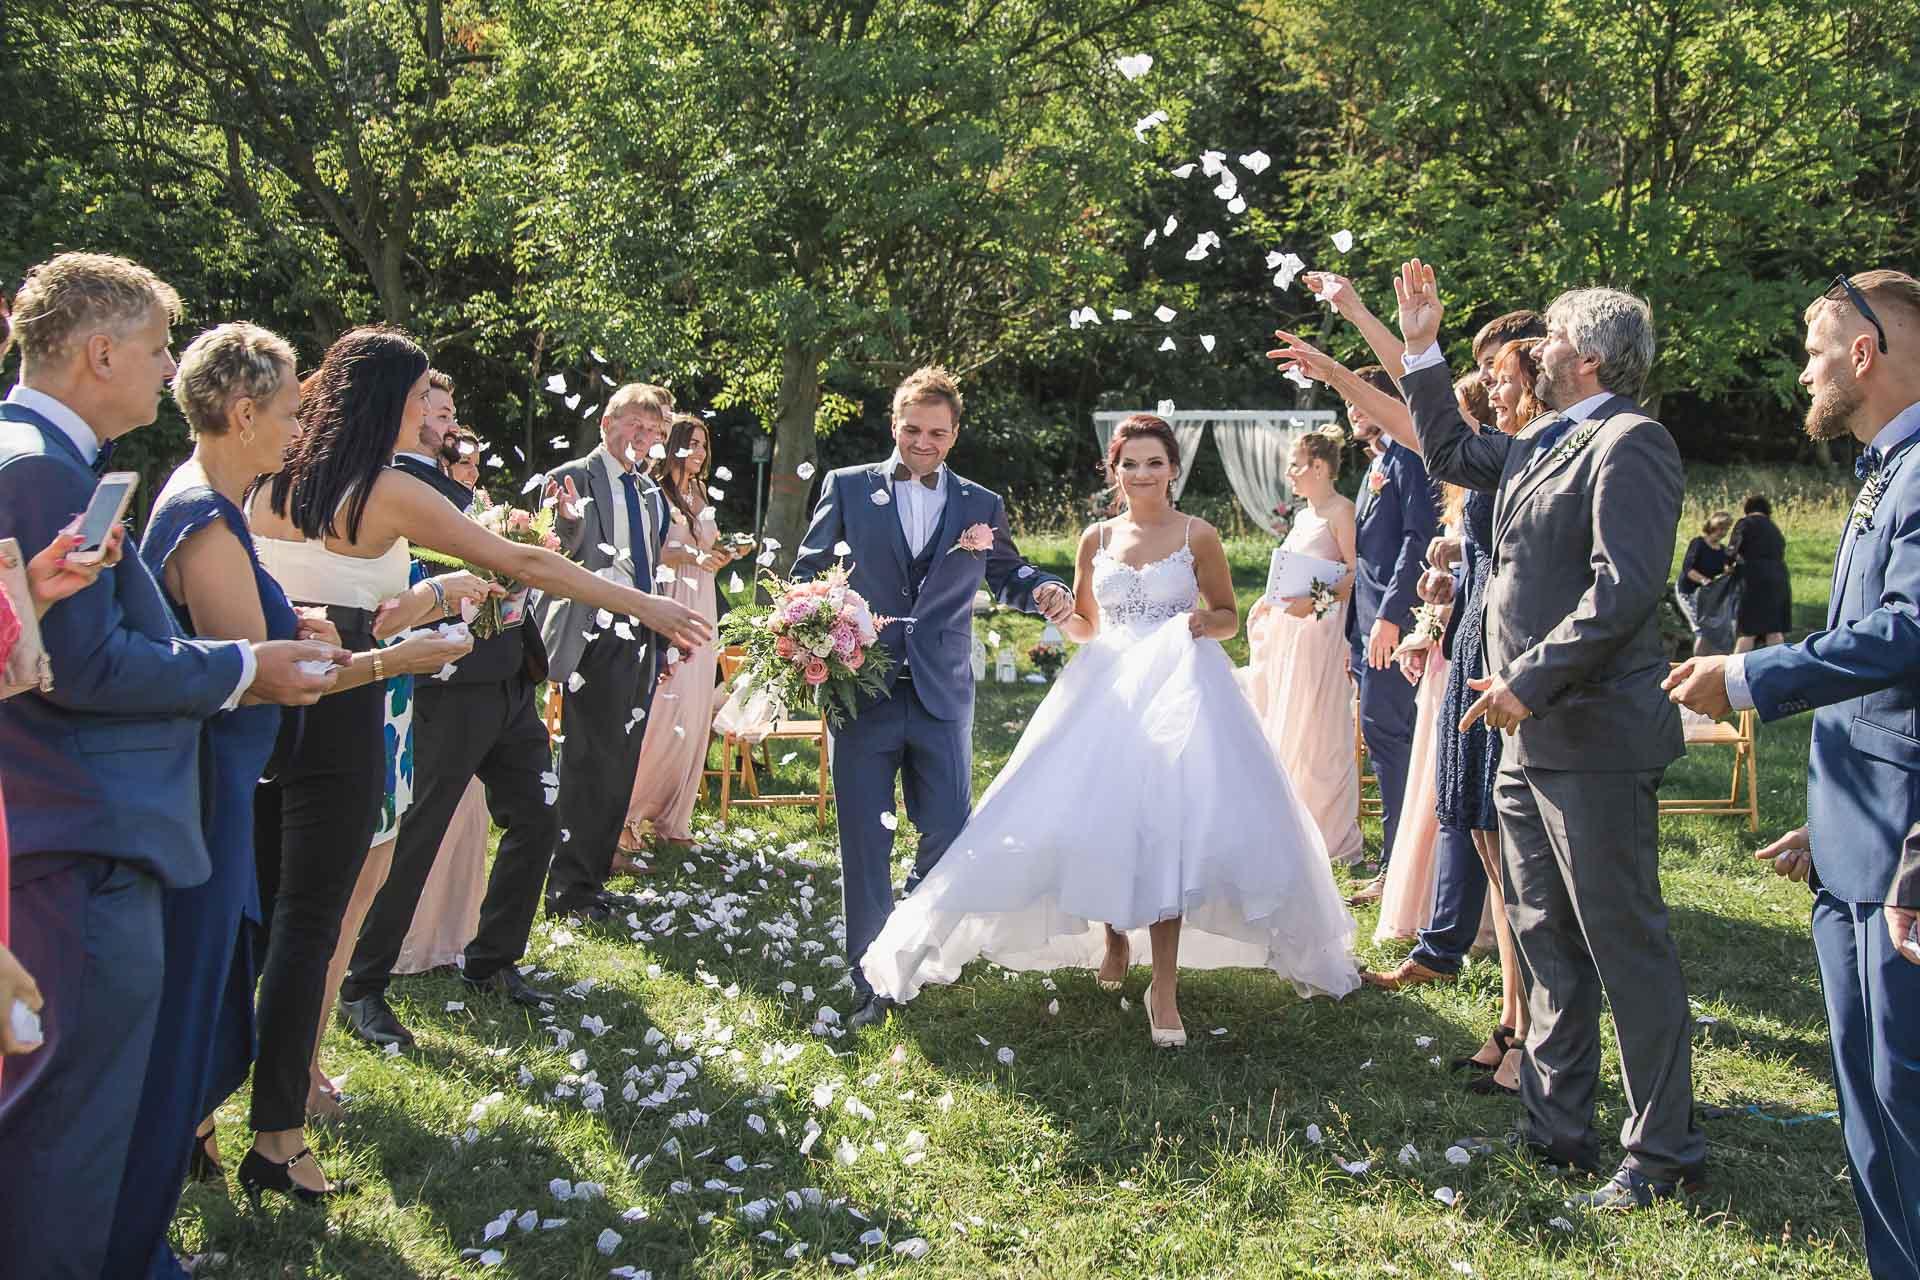 svatební-fotografie-Říp-svatební-video-ŘÍP-svatební-fotograf-ŘÍP-svatba-Mělník-svatba-Neratovice-fotograf-na-savtbu-kameraman-na-svatbu-144